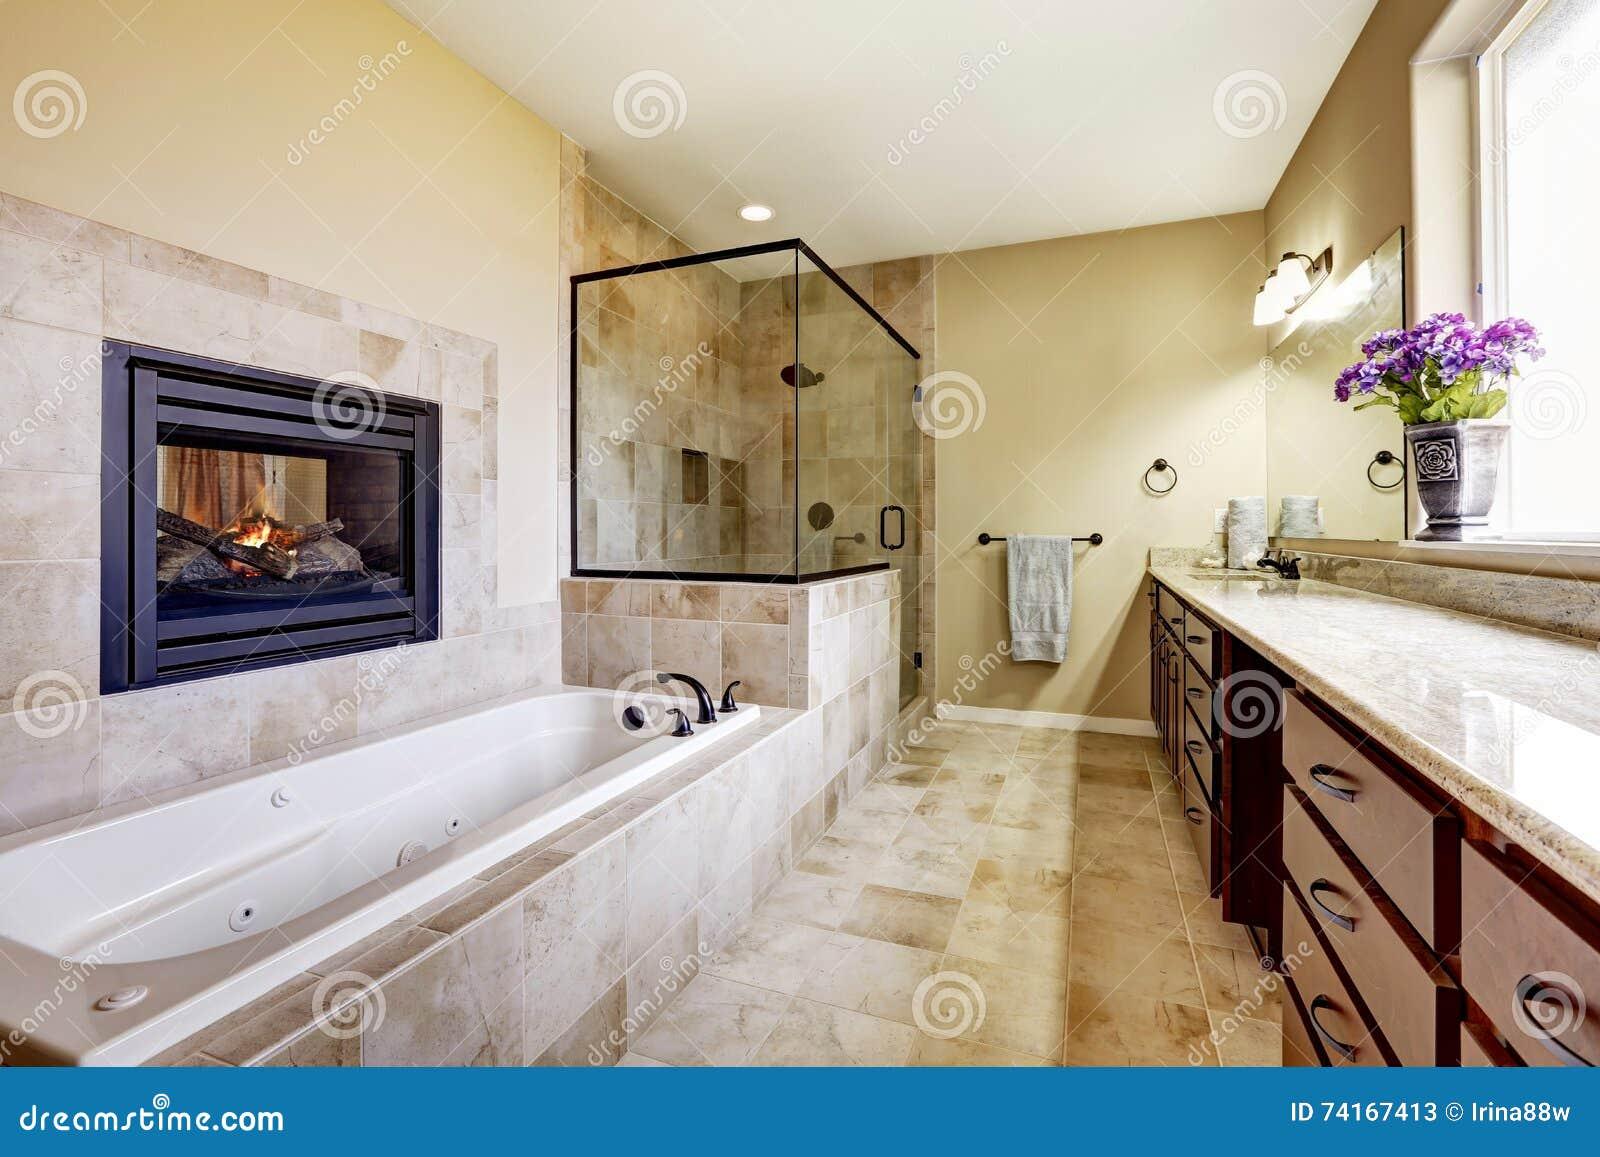 Cuarto de ba o principal en casa moderna con la chimenea y el suelo de baldosas imagen de - Suelos de casas modernas ...